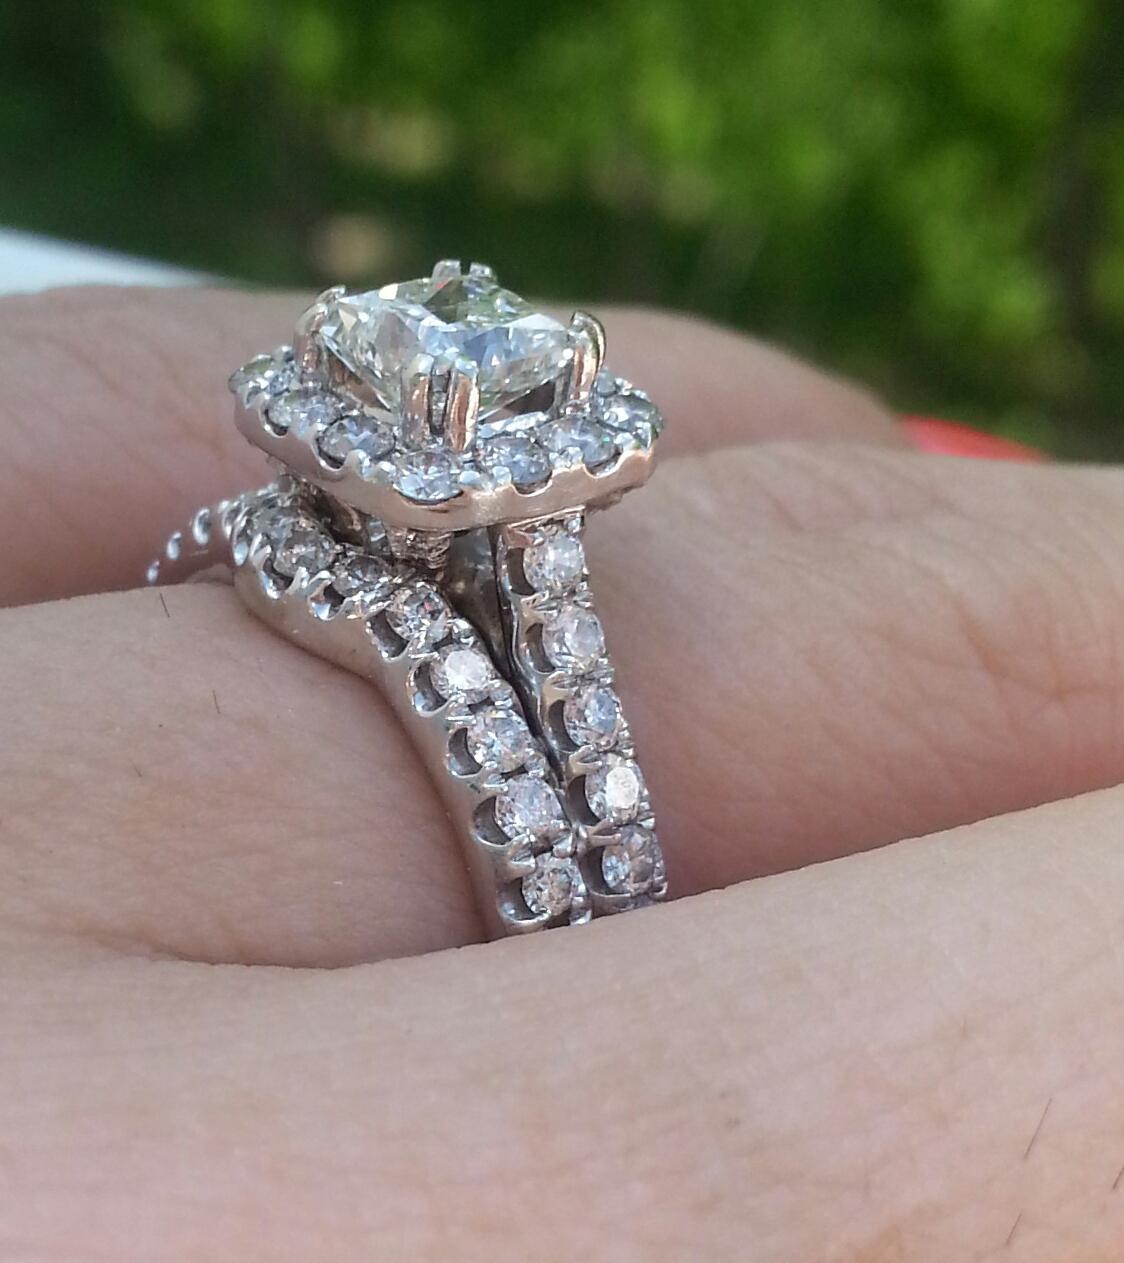 neil lane wedding rings neil lane wedding bands Neil lane wedding rings Pics Of Neil Lane 1 5 Ct Halo Engagement Ring On